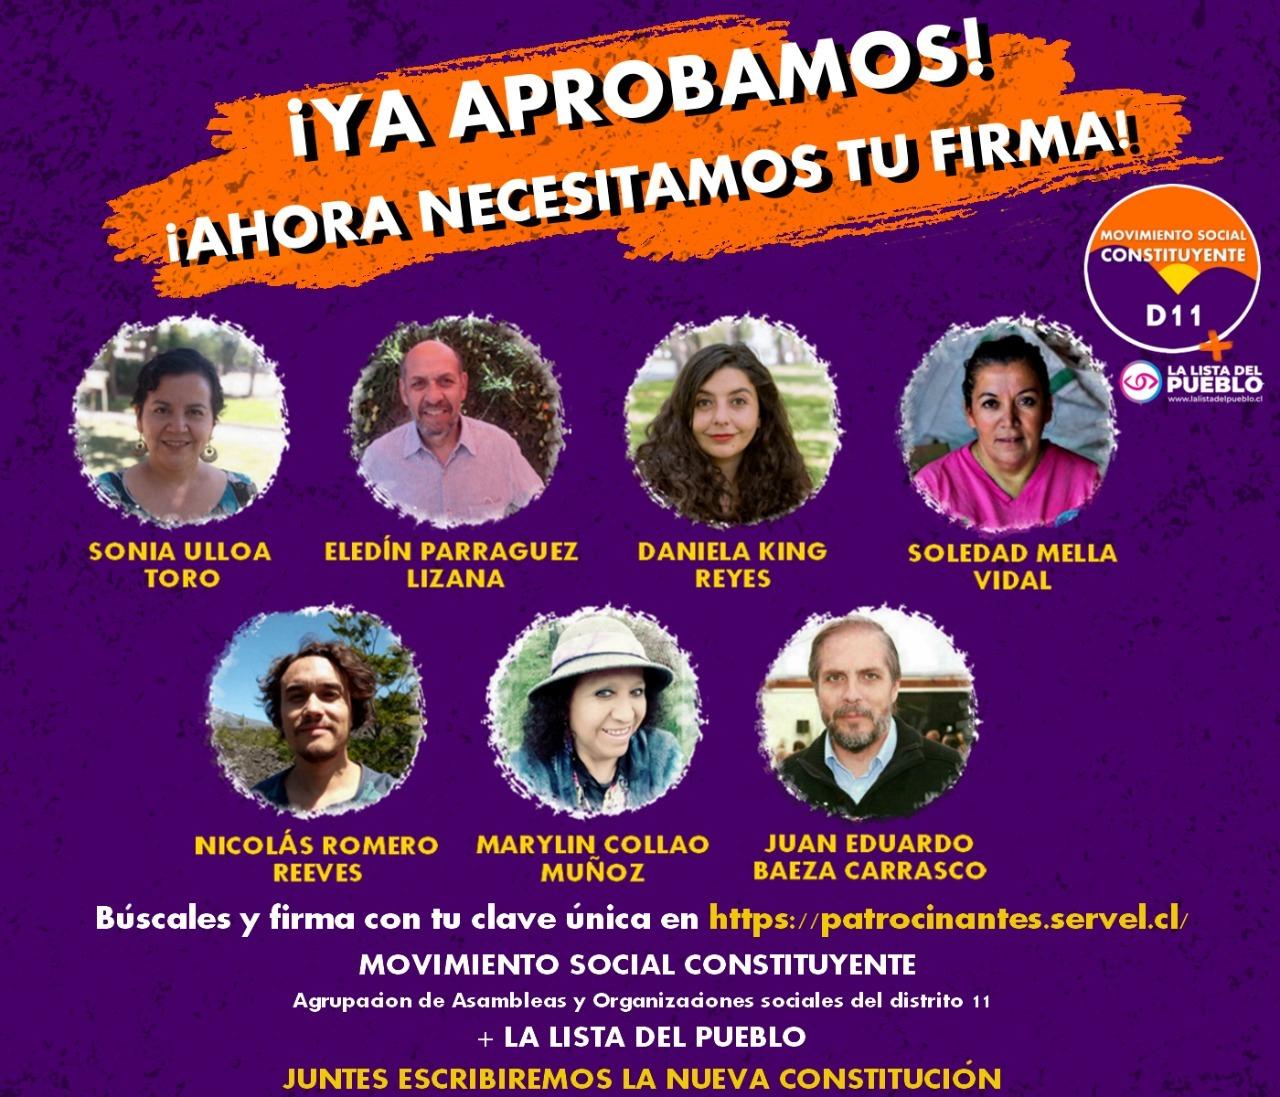 El Movimiento Social Constituyente D11 en alianza con la Lista del Pueblo levantan lista de unidad en el Distrito 11